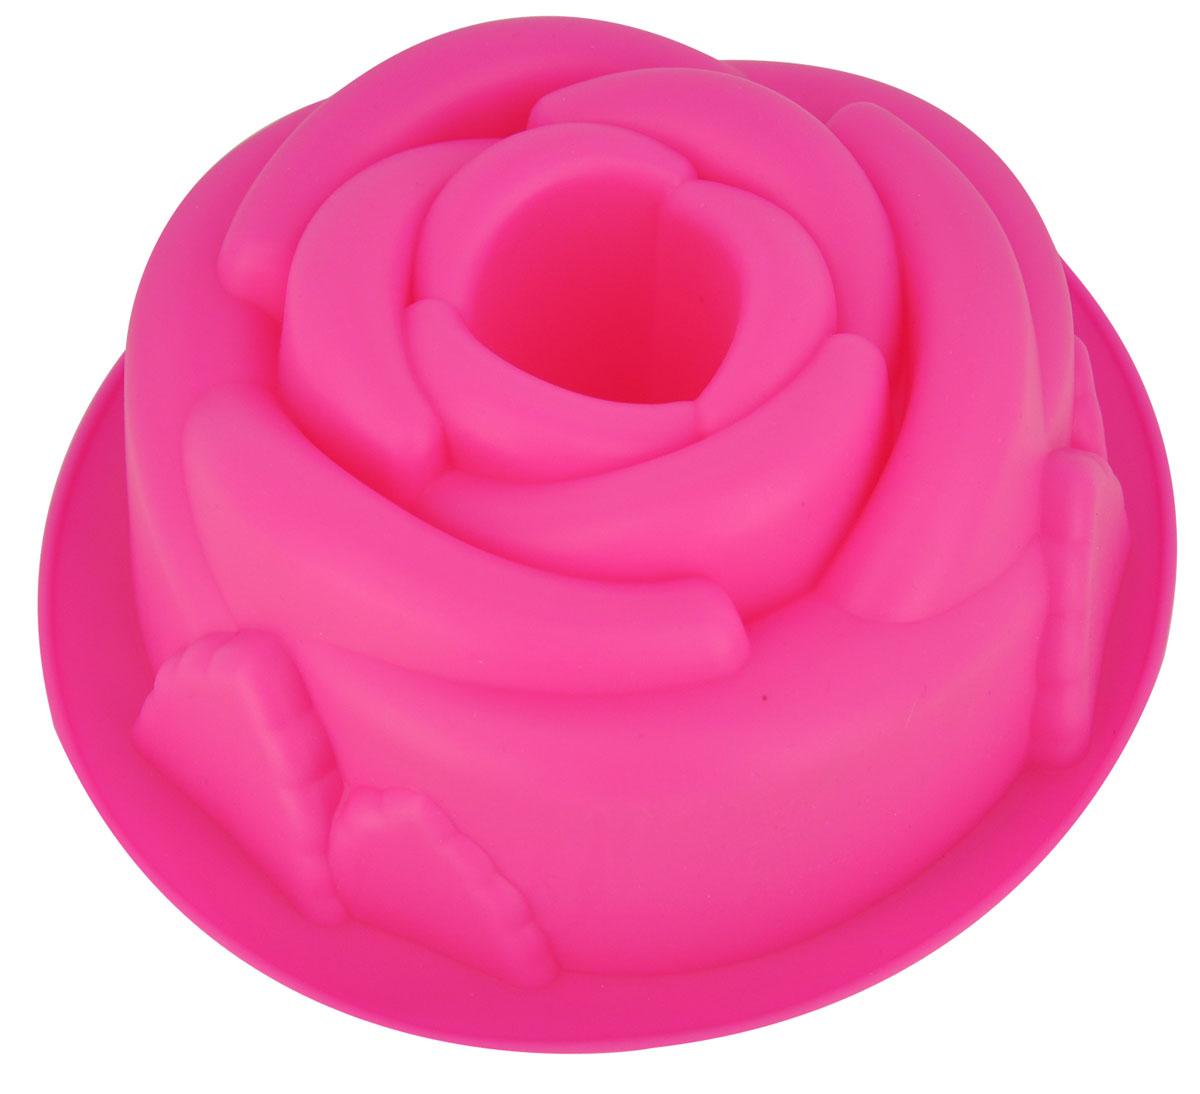 Форма для выпечки и заморозки Regent Inex Розовый цвет, 21 х 19 х 7 см93-SI-FO-50Форма для выпечки и заморозки Розовый цвет выполнена из силикона и предназначена для изготовления выпечки, мармелада, желе и даже мыла. С помощью формы в виде прекрасной розы любой день можно превратить в праздник и порадовать детей.Силиконовые формы выдерживают высокие и низкие температуры (от -40°С до +230°С). Они эластичны, износостойки, легко моются, не горят и не тлеют, не впитывают запахи, не оставляют пятен. Силикон абсолютно безвреден для здоровья.Не используйте моющие средства, содержащие абразивы. Можно мыть в посудомоечной машине. Подходит для использования во всех типах печей. Характеристики:Материал: силикон. Общий размер формы: 21 см х 19 см х 6 см. Диамер отверстия: 4 см. Размер упаковки: 30 см х 23,5 см х 6,5 см. Изготовитель: Италия. Артикул: 93-SI-FO-50.